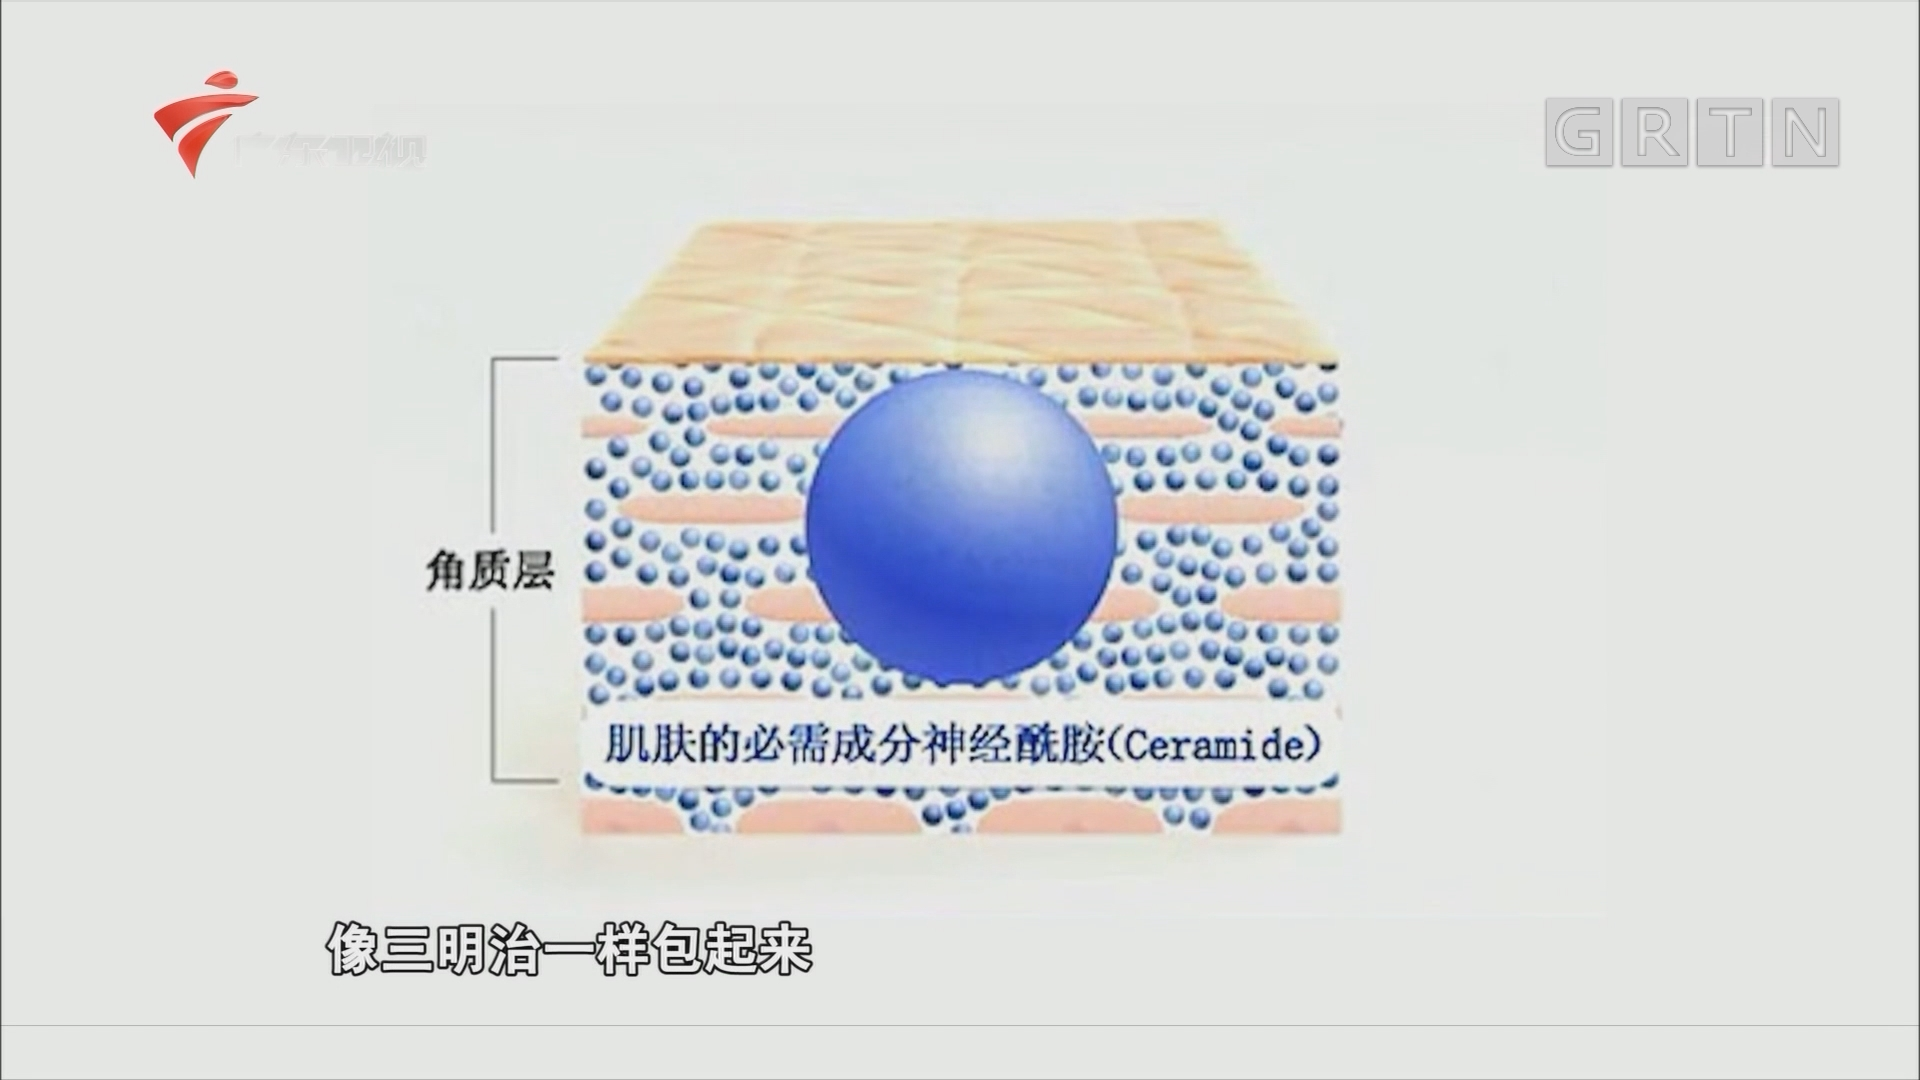 高效锁水保湿物质—神经酰胺